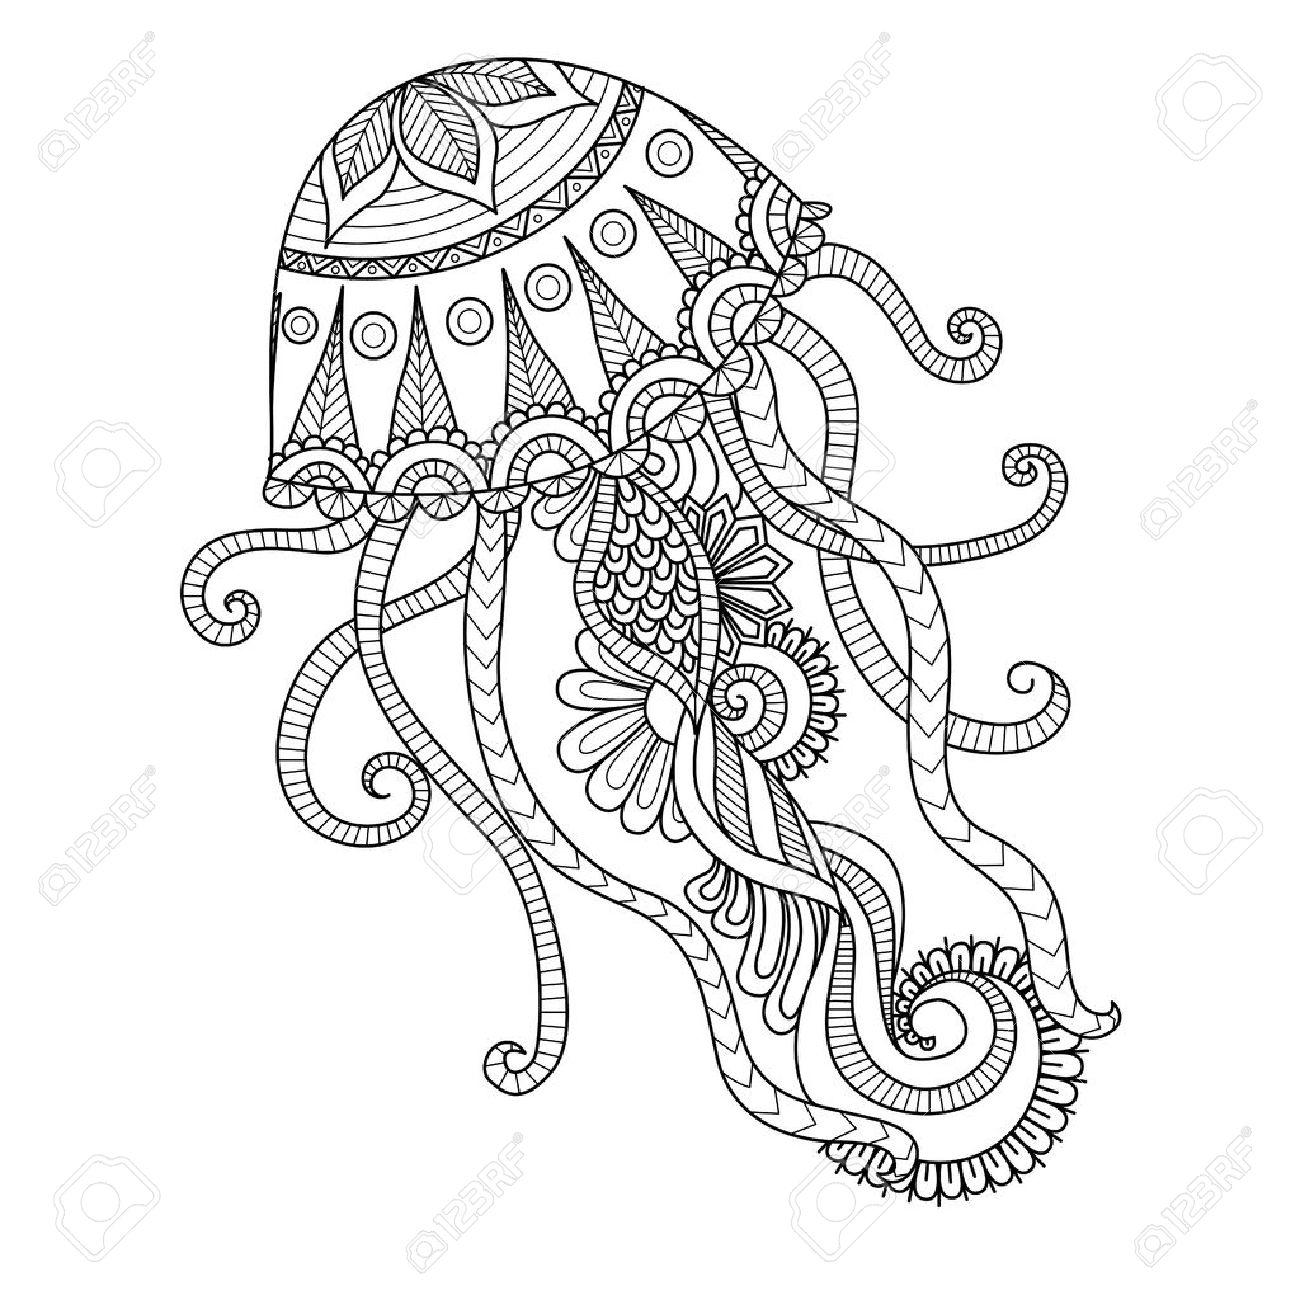 Dibujado A Mano Estilo De Las Medusas De La Página Para Colorear ...